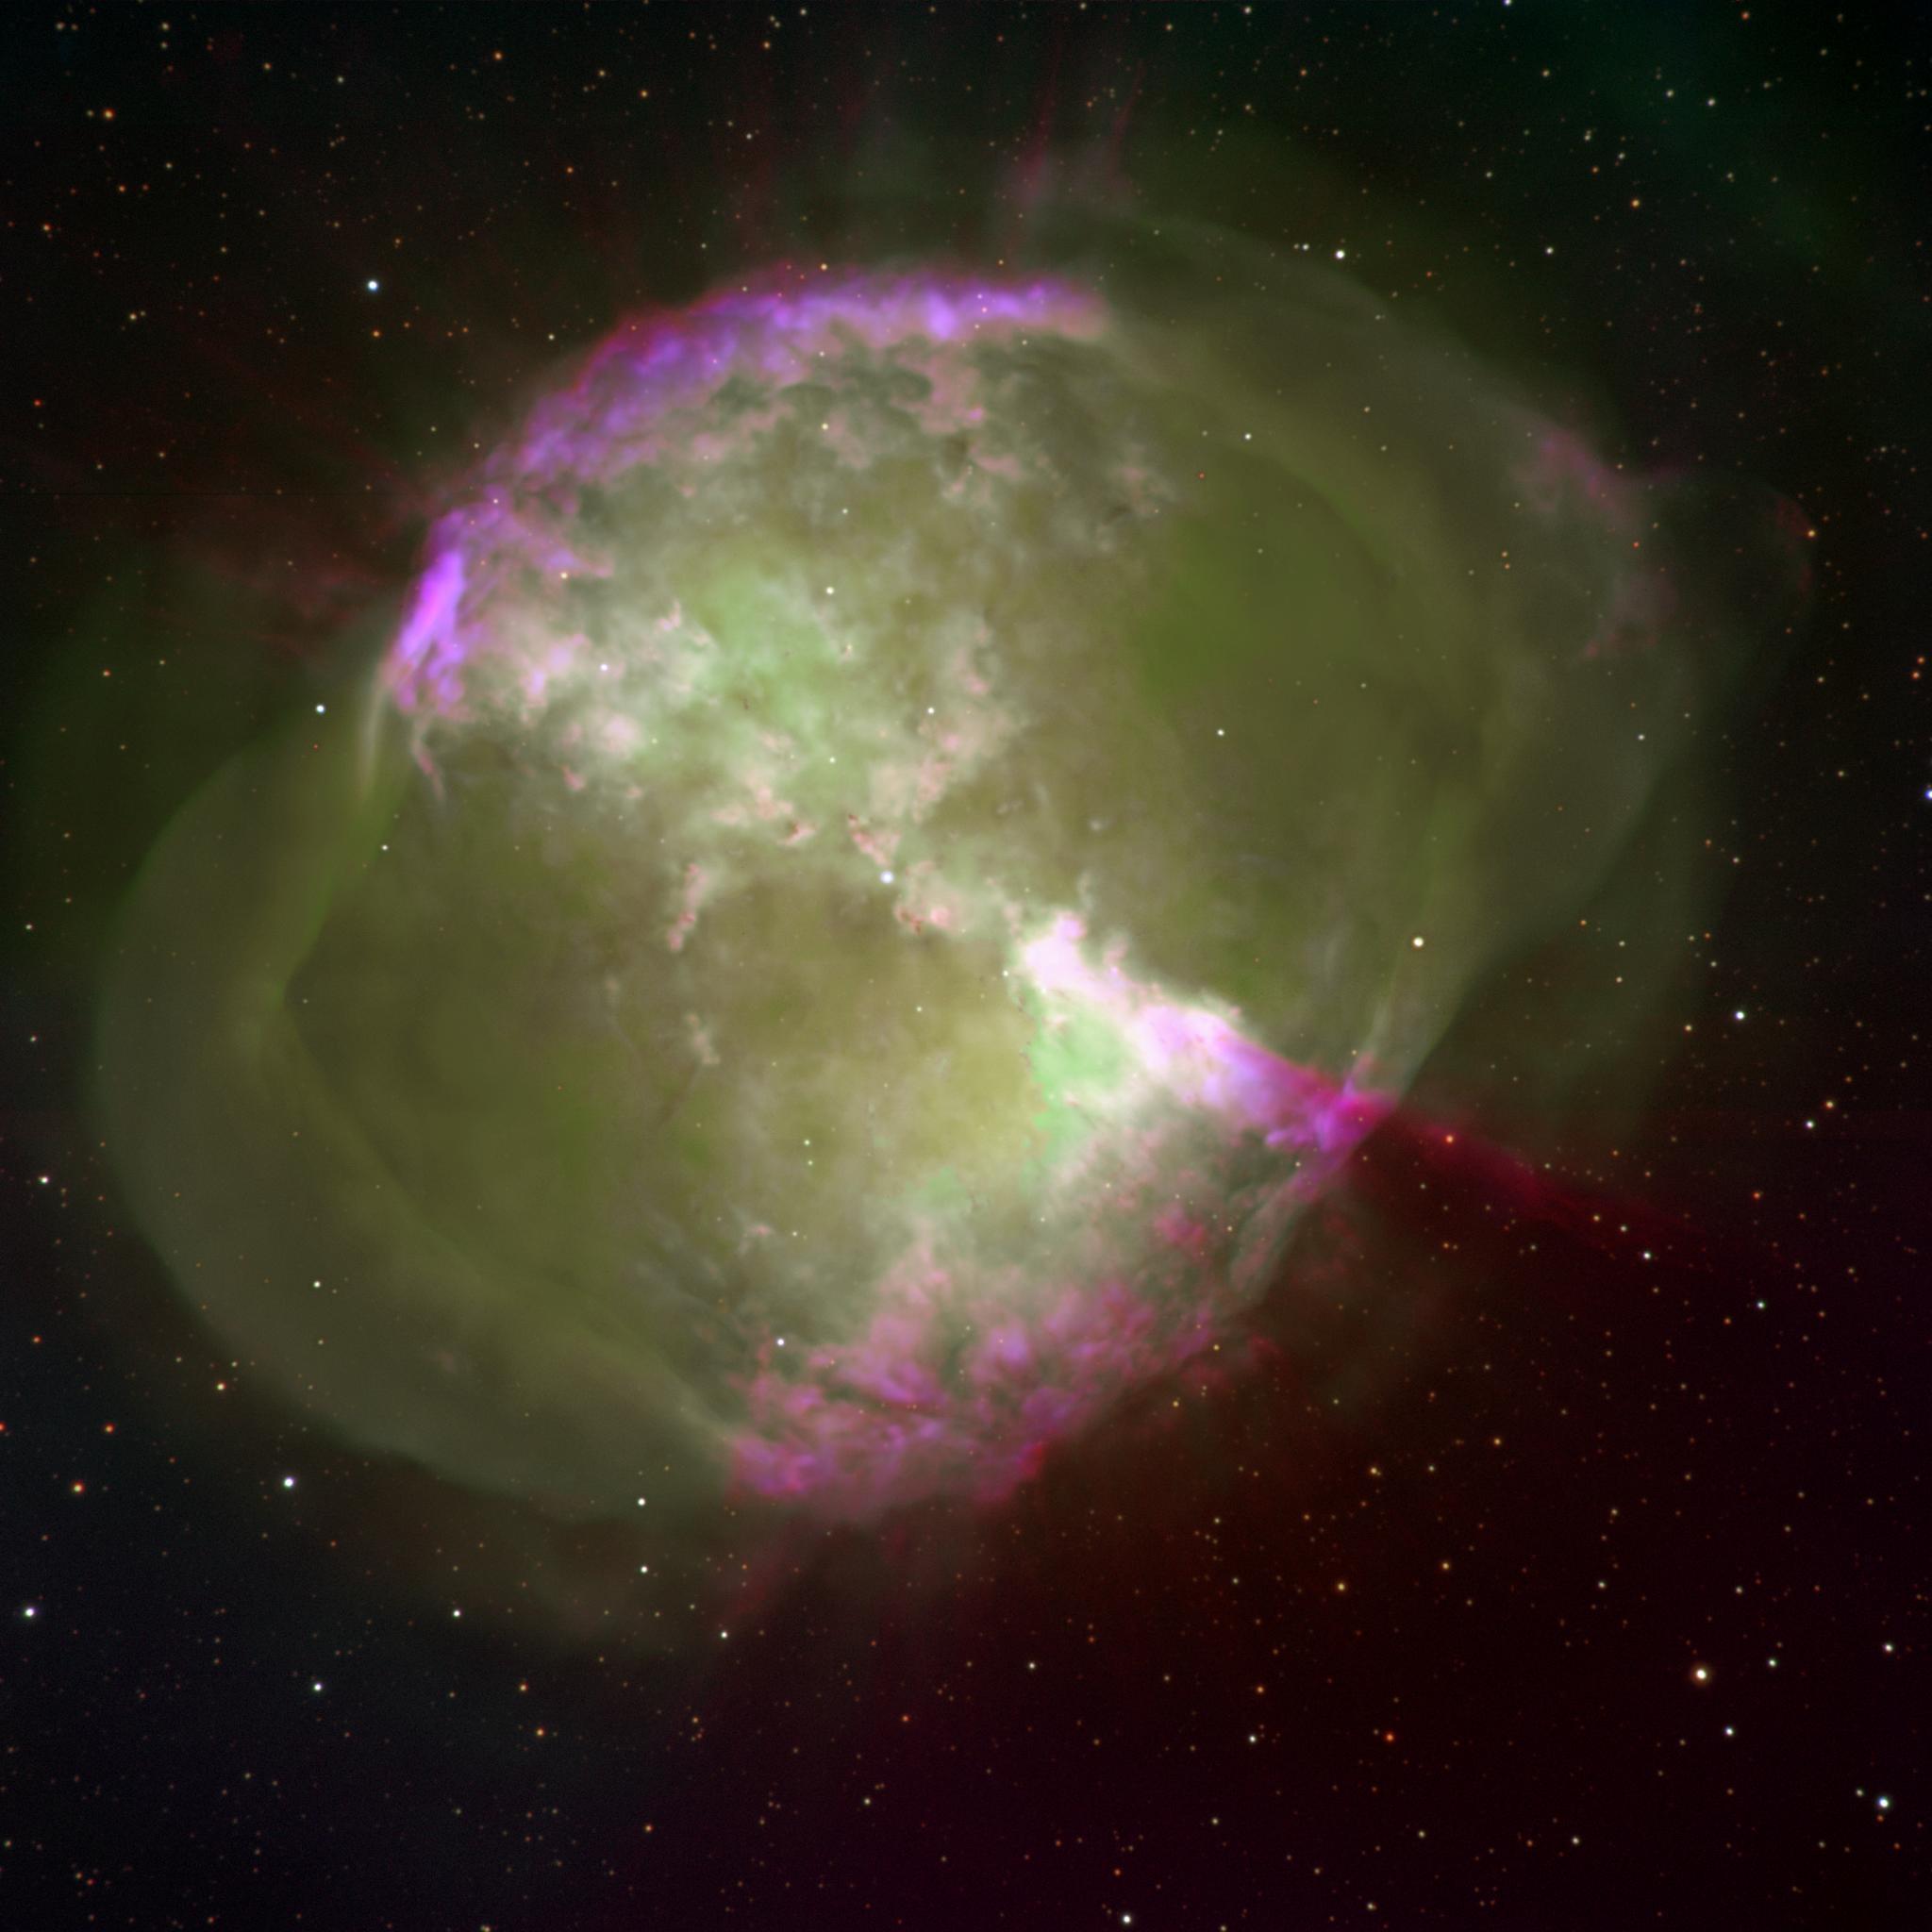 nuclear fusion nebula - photo #21